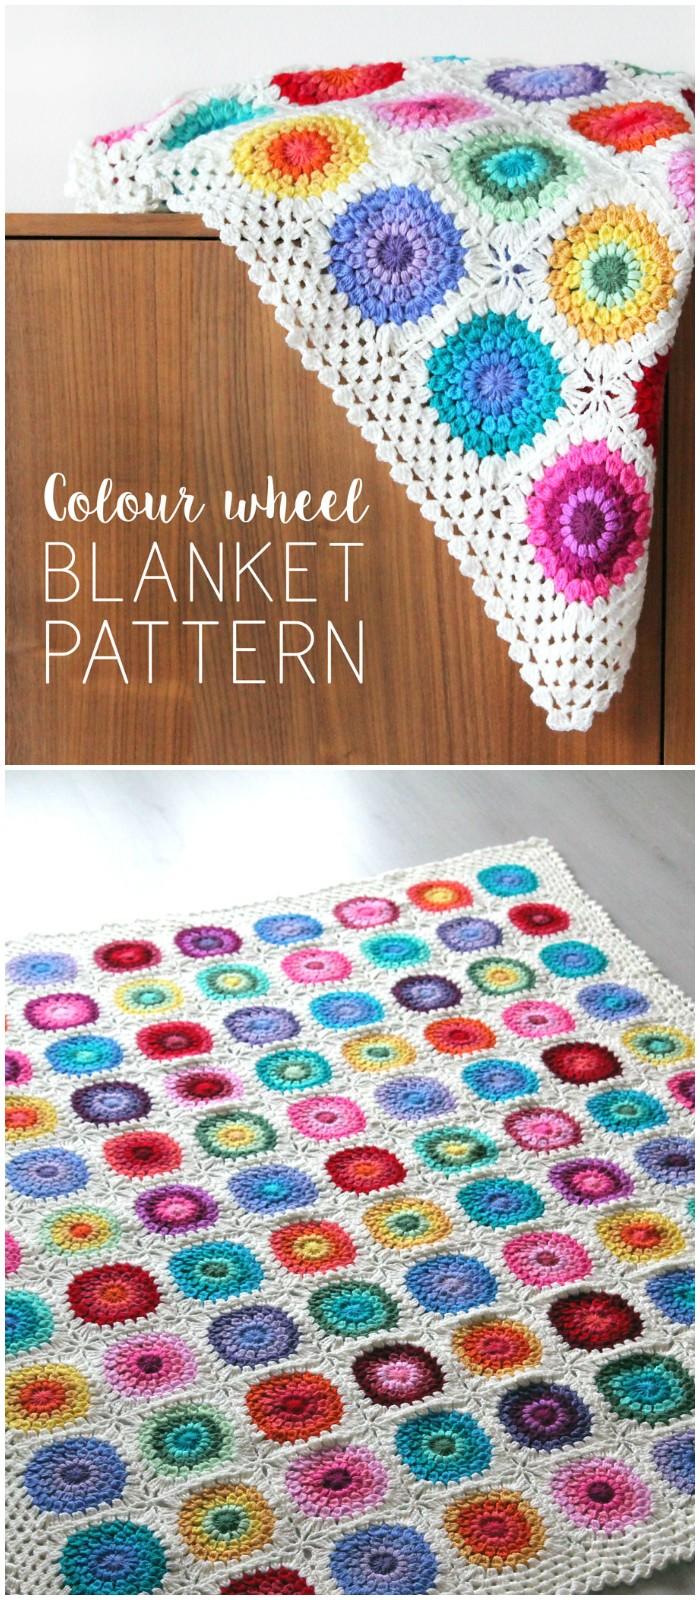 Free Crochet Pattern Colour Wheel Blanket